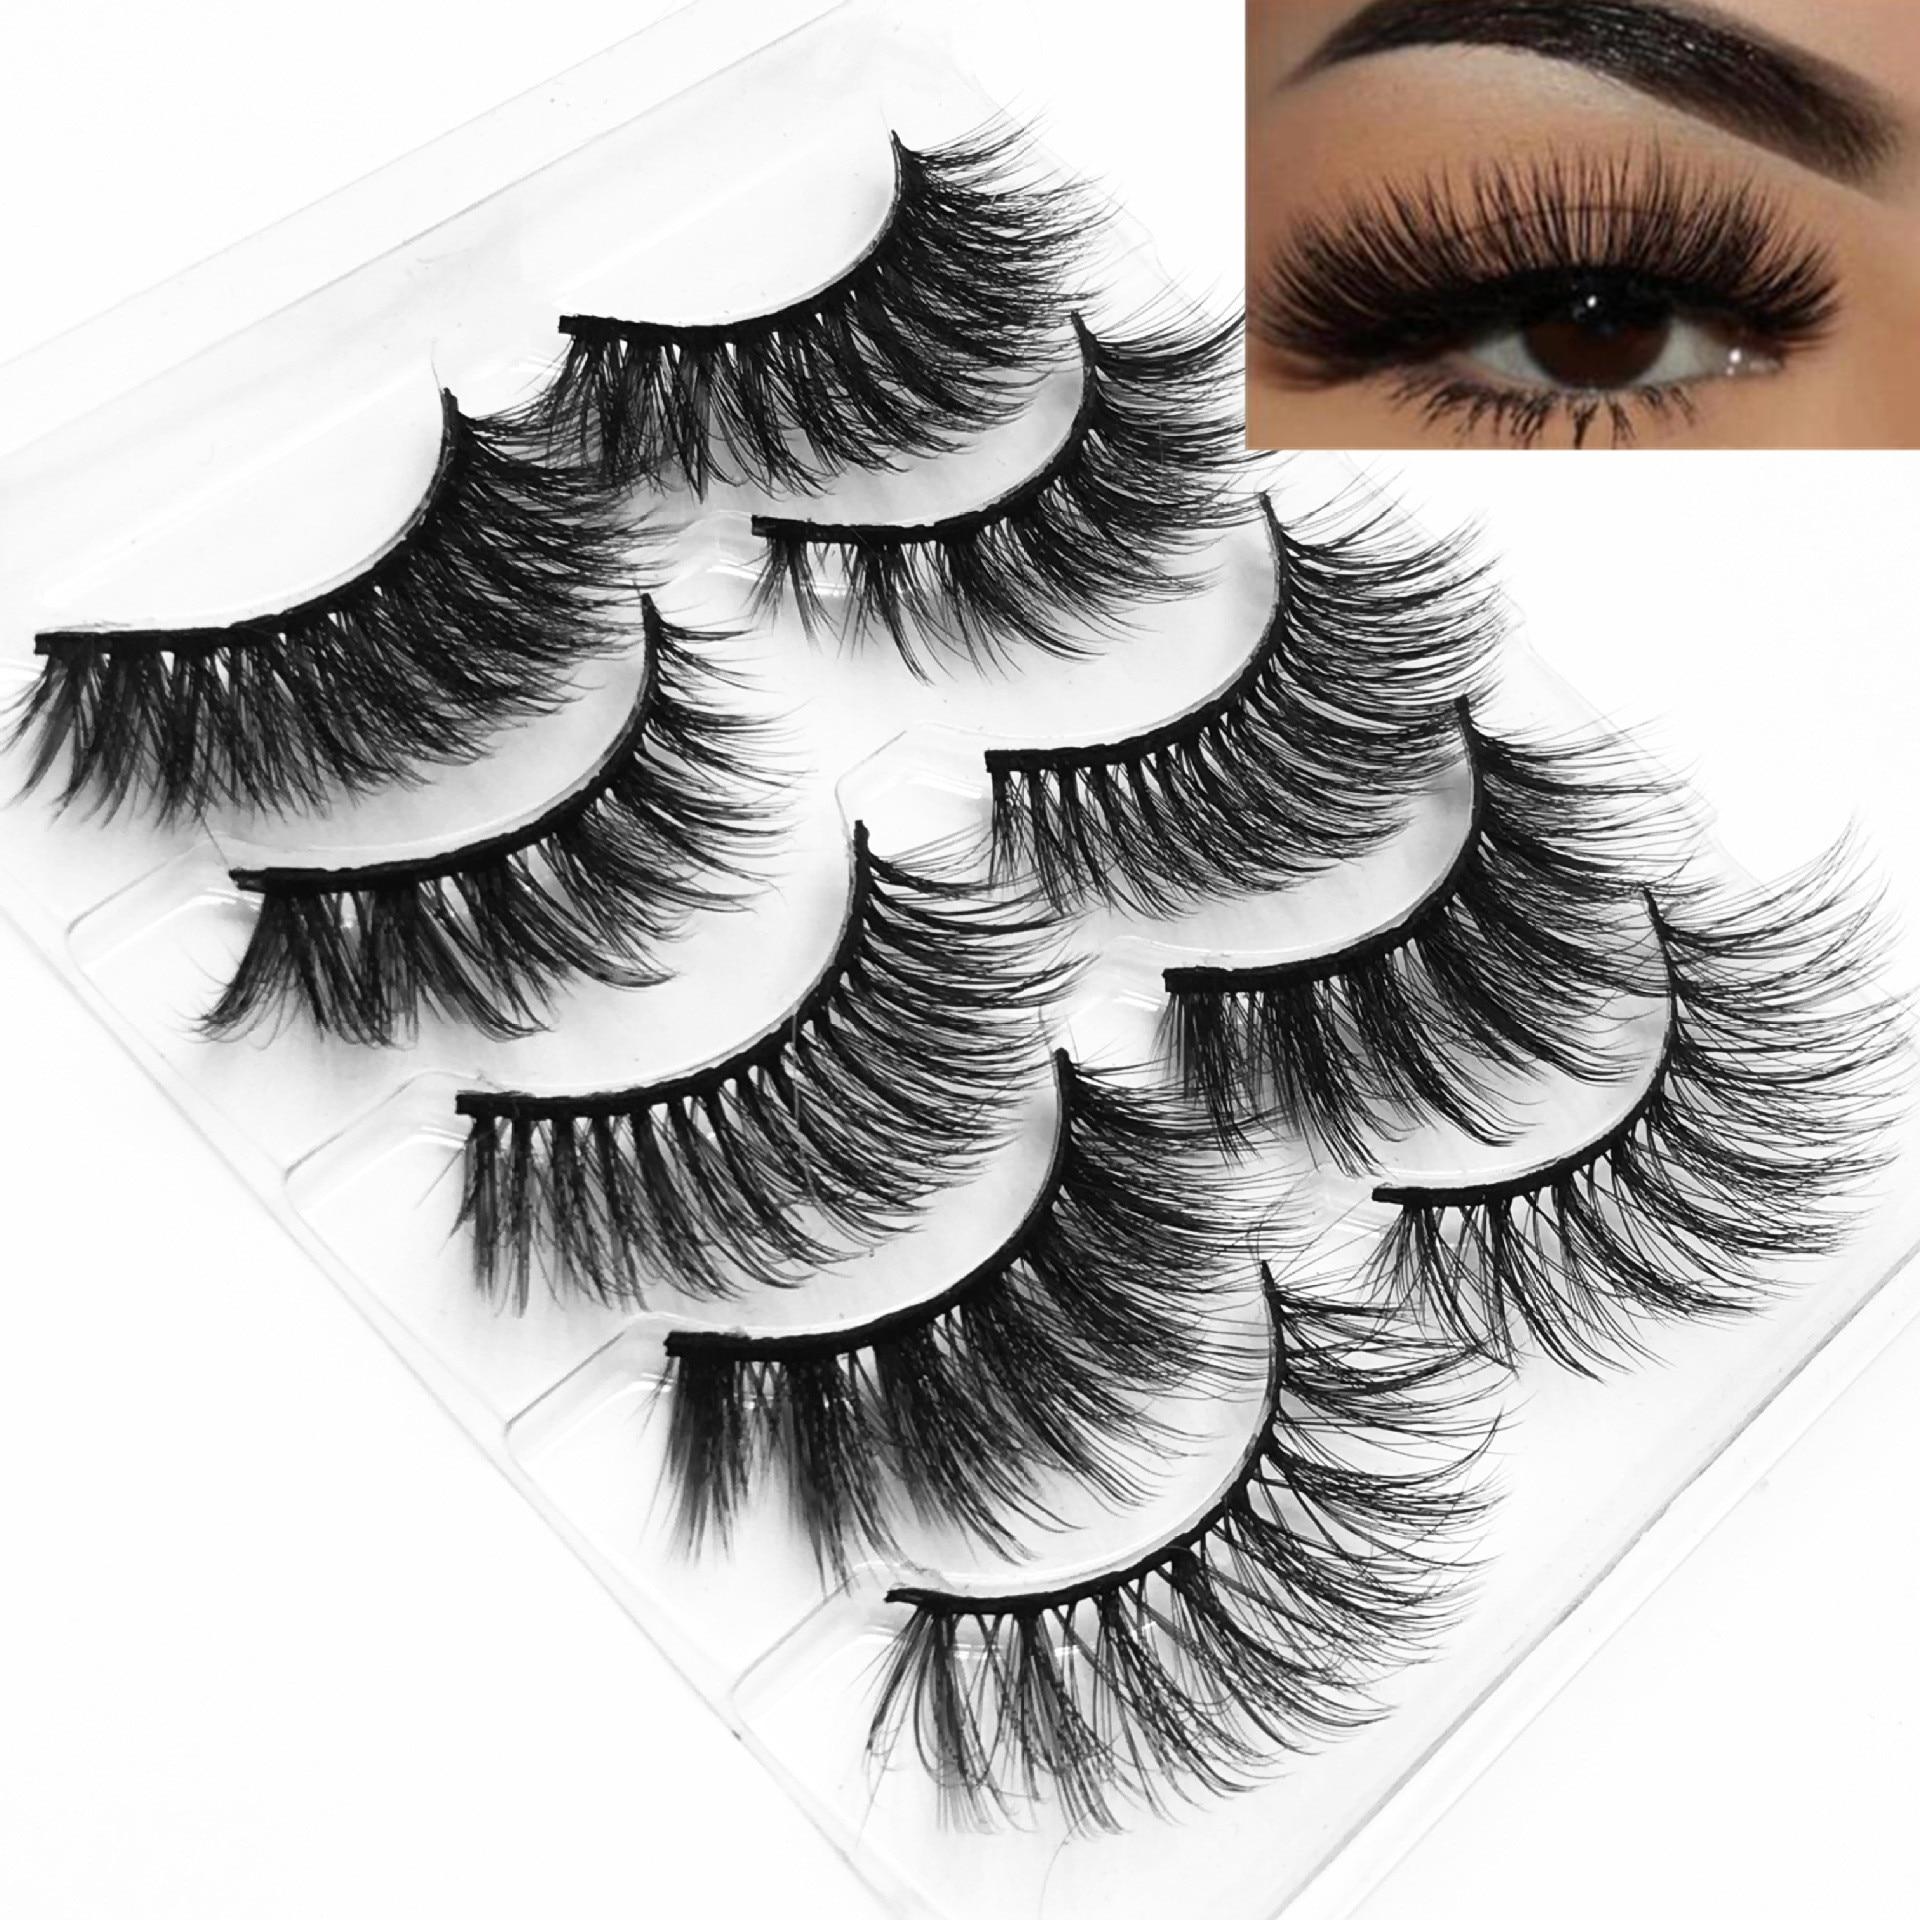 Best Eyelashes 5 Pairs 3d Lashes Mink Eyelashes Handmade False Eyelashes Soft Fluffy Natural Eyelashes 3d Eyelash Extension